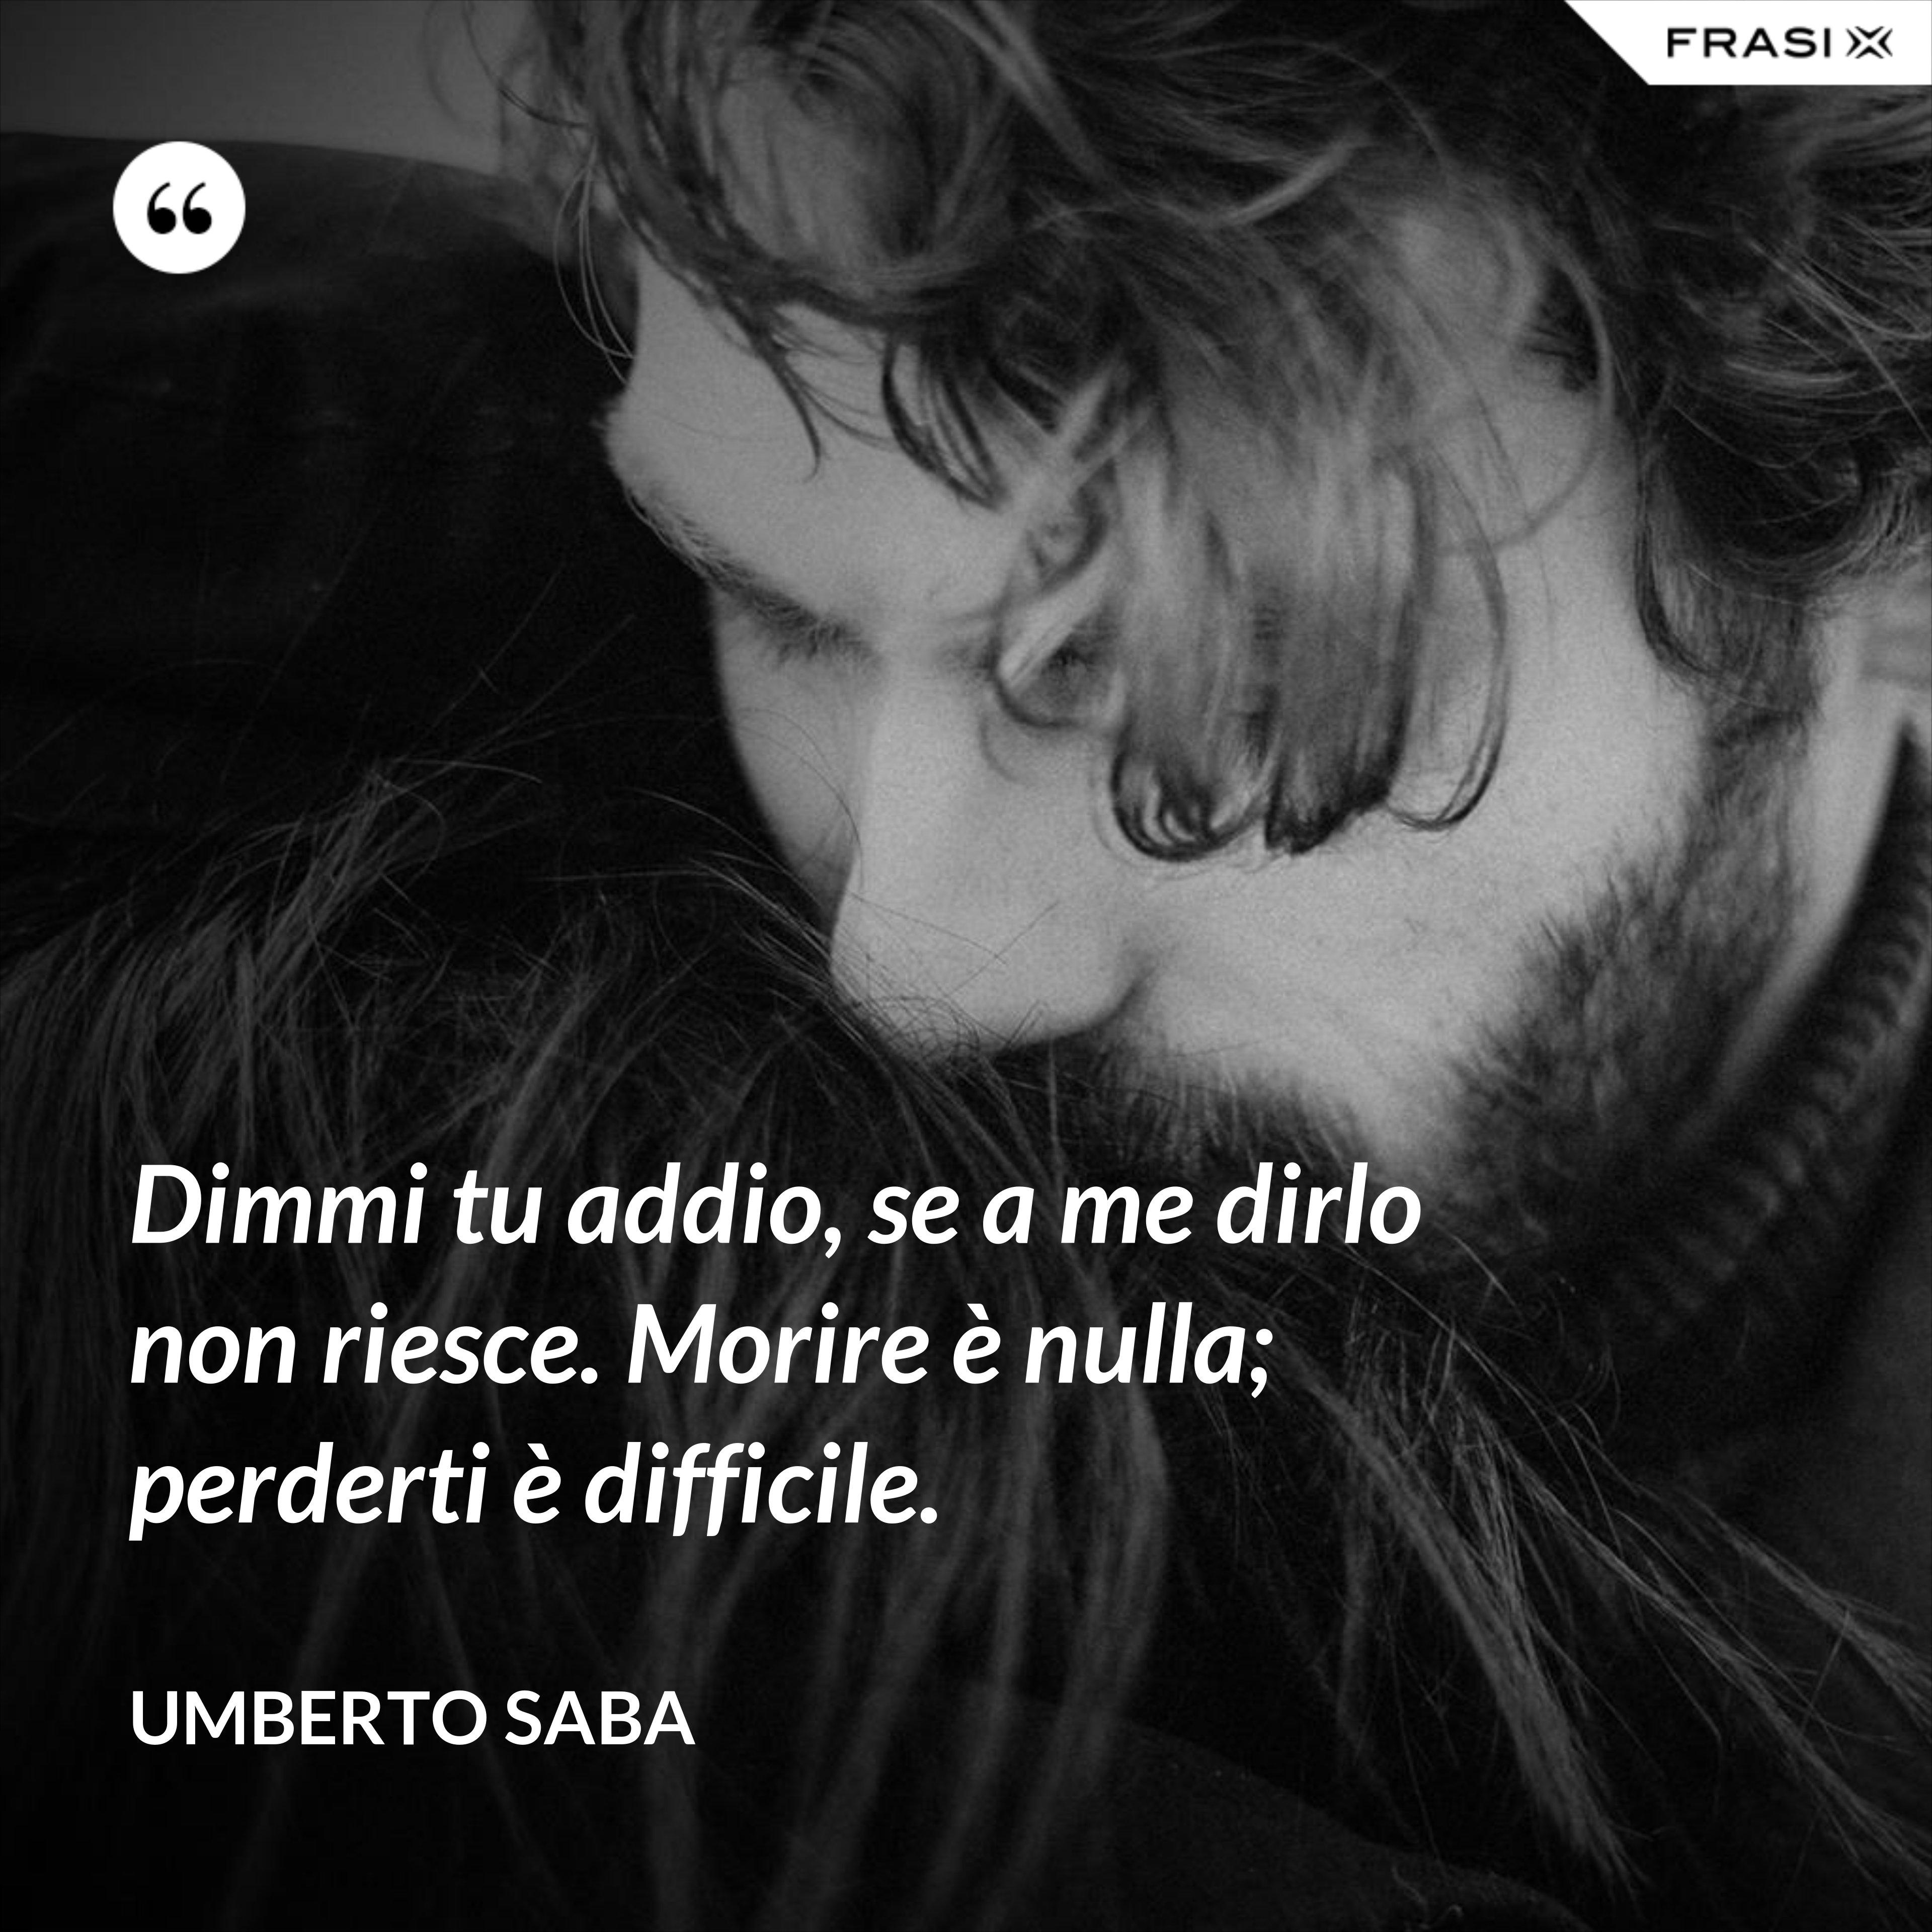 Dimmi tu addio, se a me dirlo non riesce. Morire è nulla; perderti è difficile. - Umberto Saba